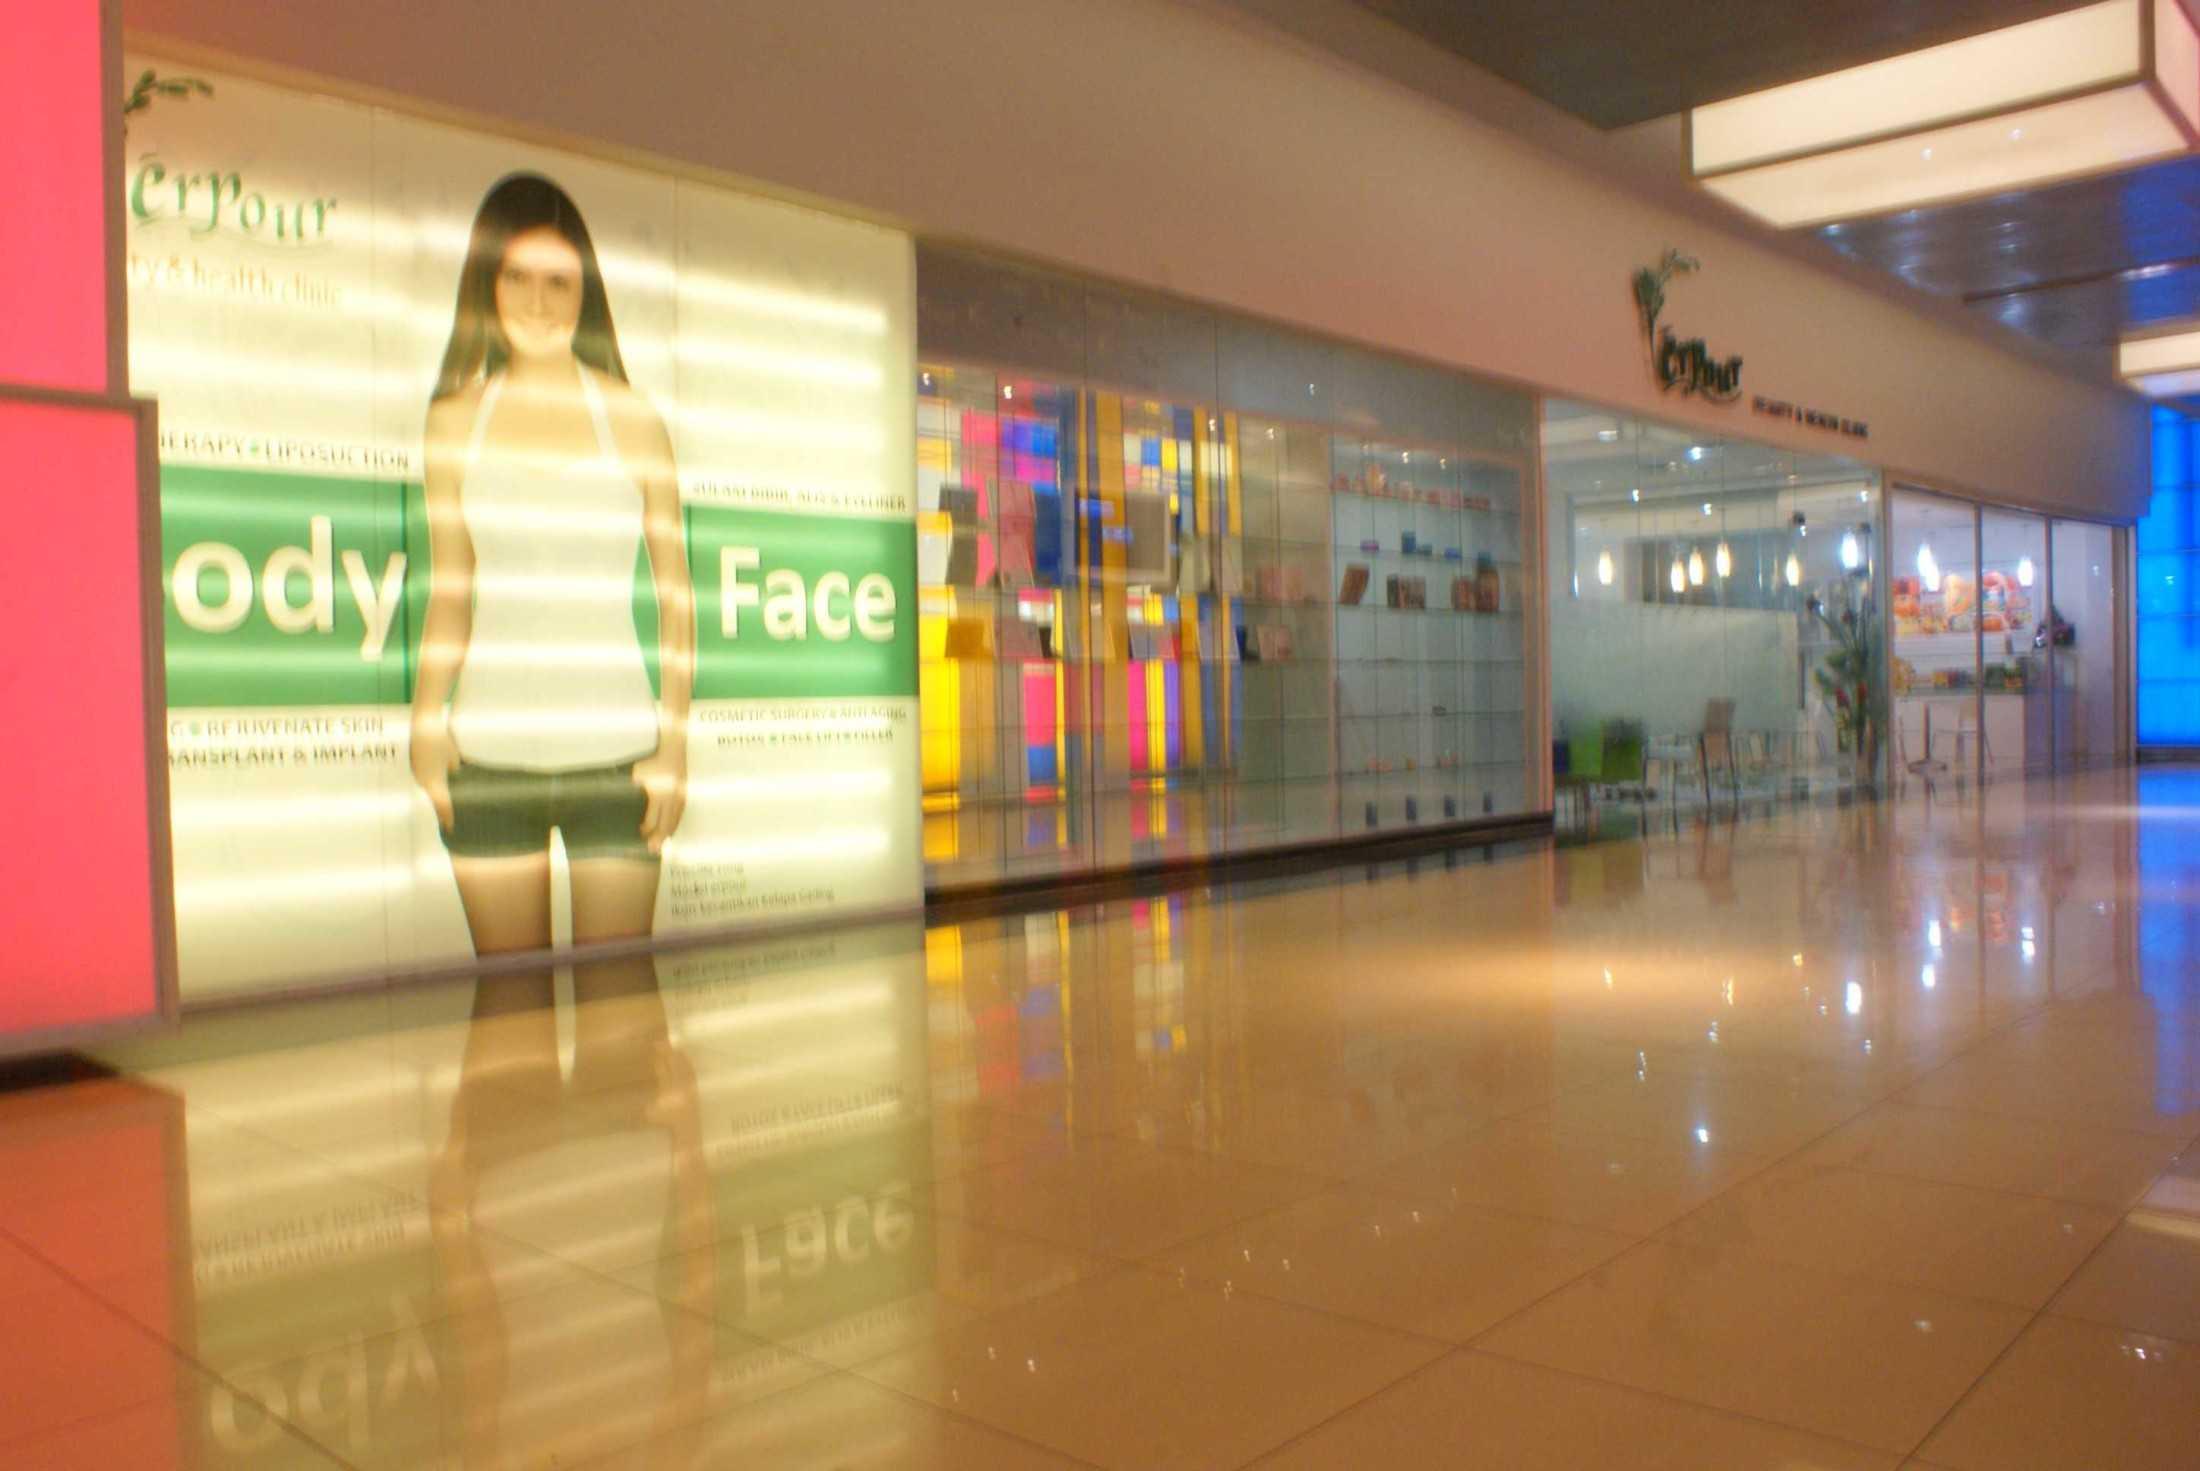 Astana Interior Beauty Clinic Jl. Boulevard Bar. Raya, Rt.18/rw.8, Klp. Gading Bar., Klp. Gading, Kota Jkt Utara, Daerah Khusus Ibukota Jakarta 14240, Indonesia Jl. Boulevard Bar. Raya, Rt.18/rw.8, Klp. Gading Bar., Klp. Gading, Kota Jkt Utara, Daerah Khusus Ibukota Jakarta 14240, Indonesia Astana-Interior-Beauty-Clinic  58163